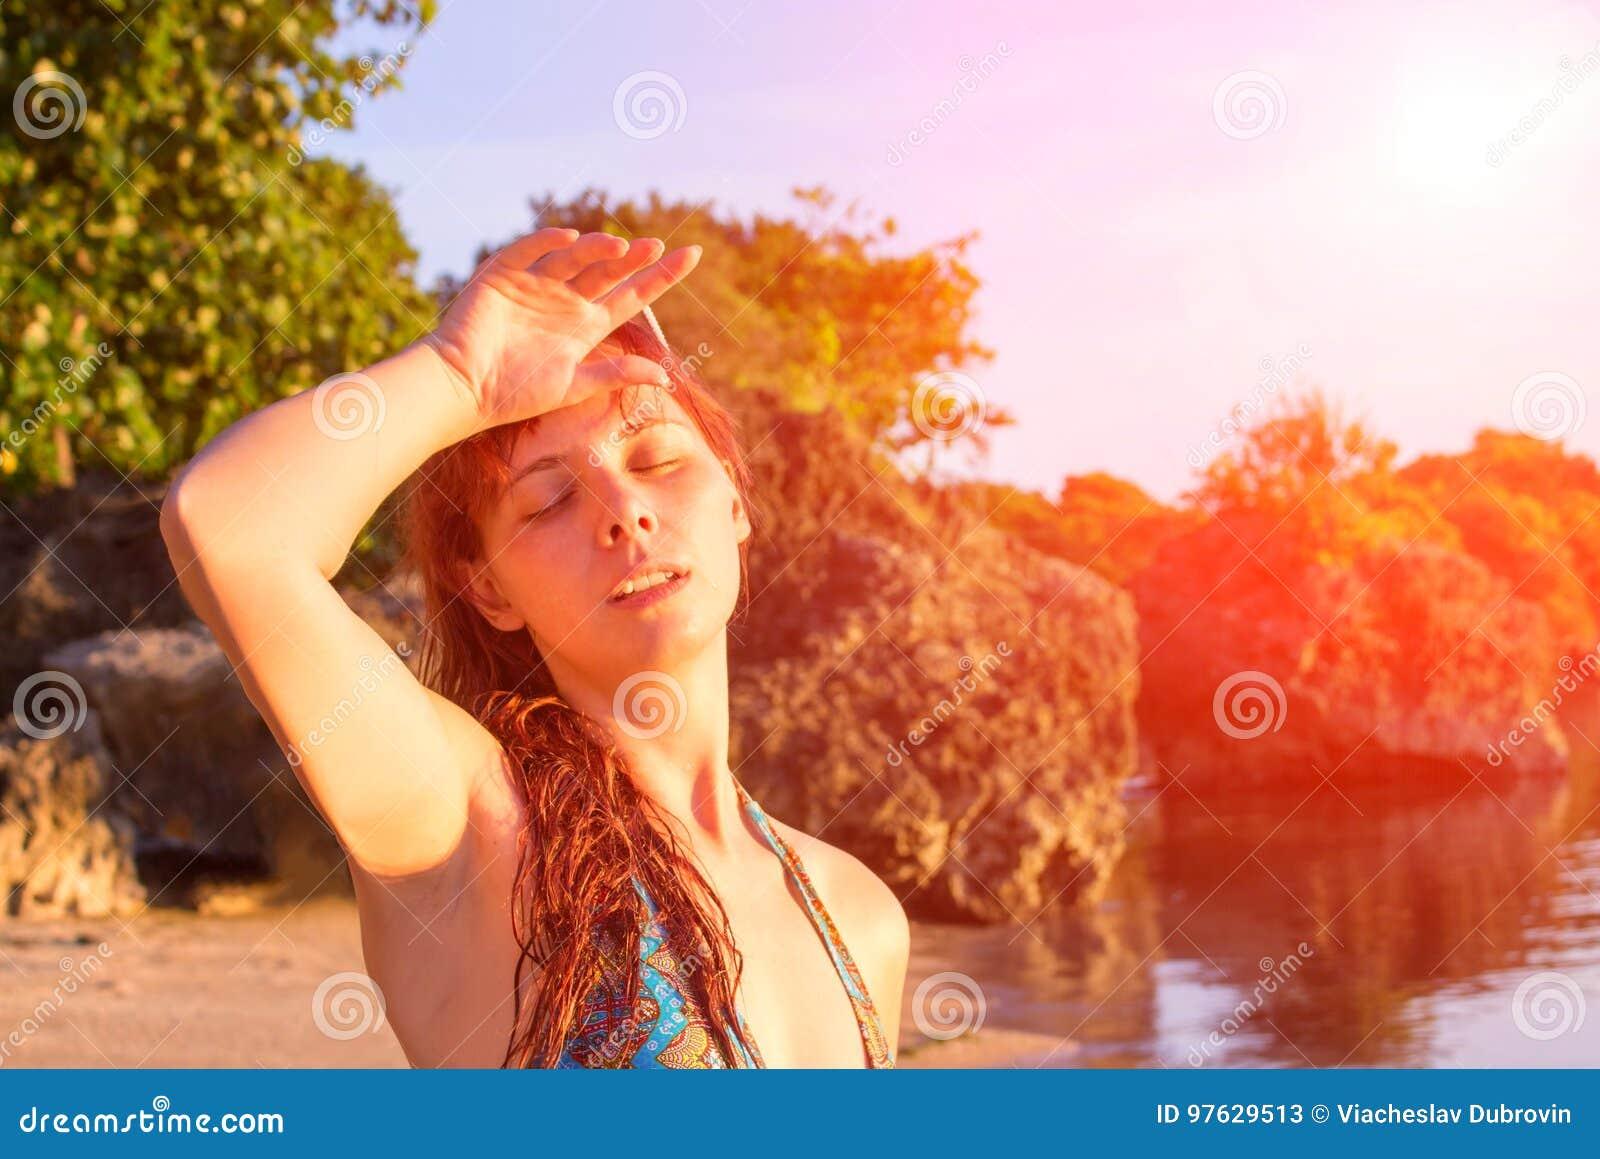 jeune femme en chaleur